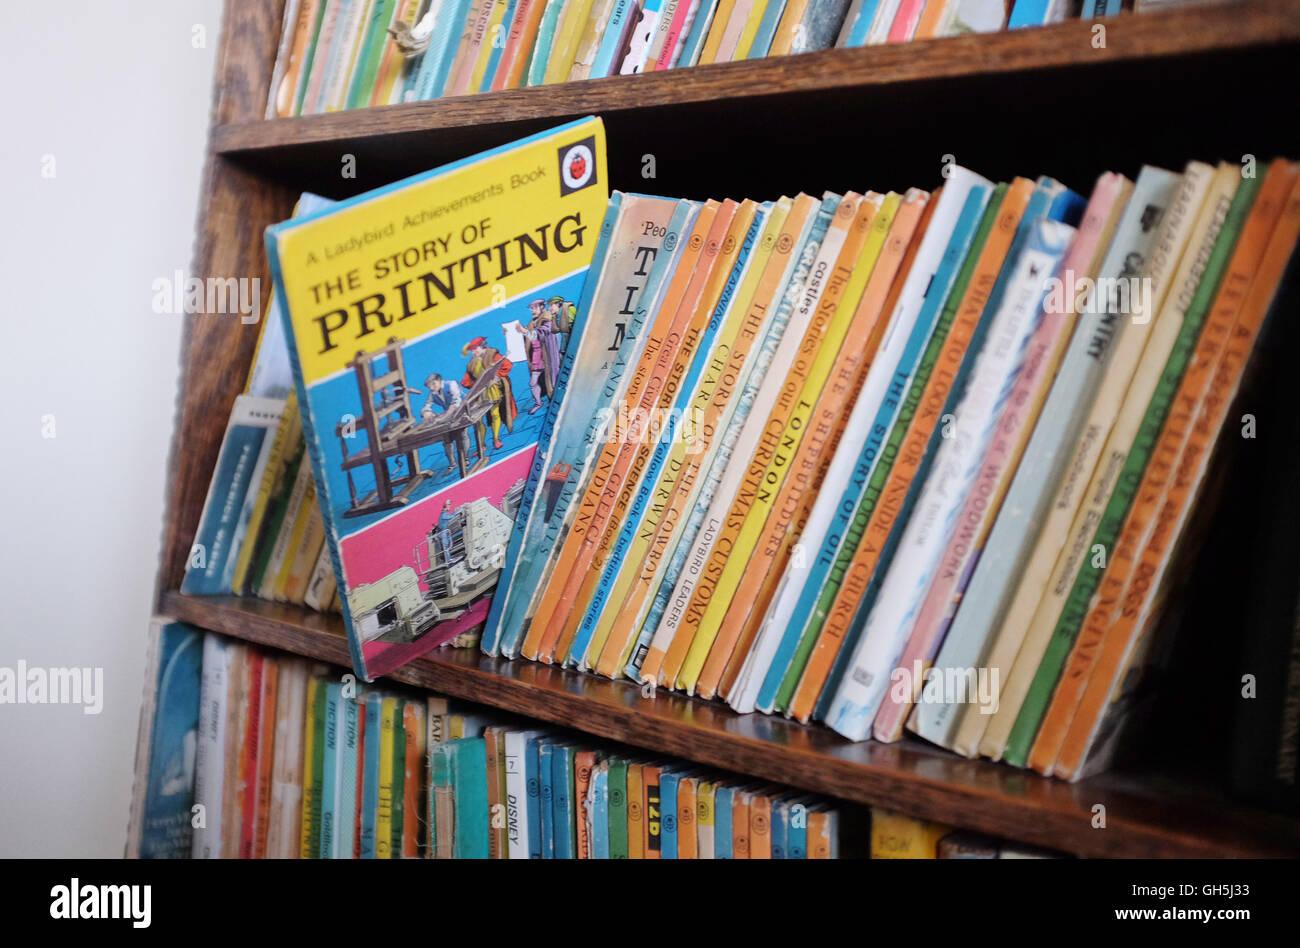 Bookshelf Full Of Ladybird Books For Children